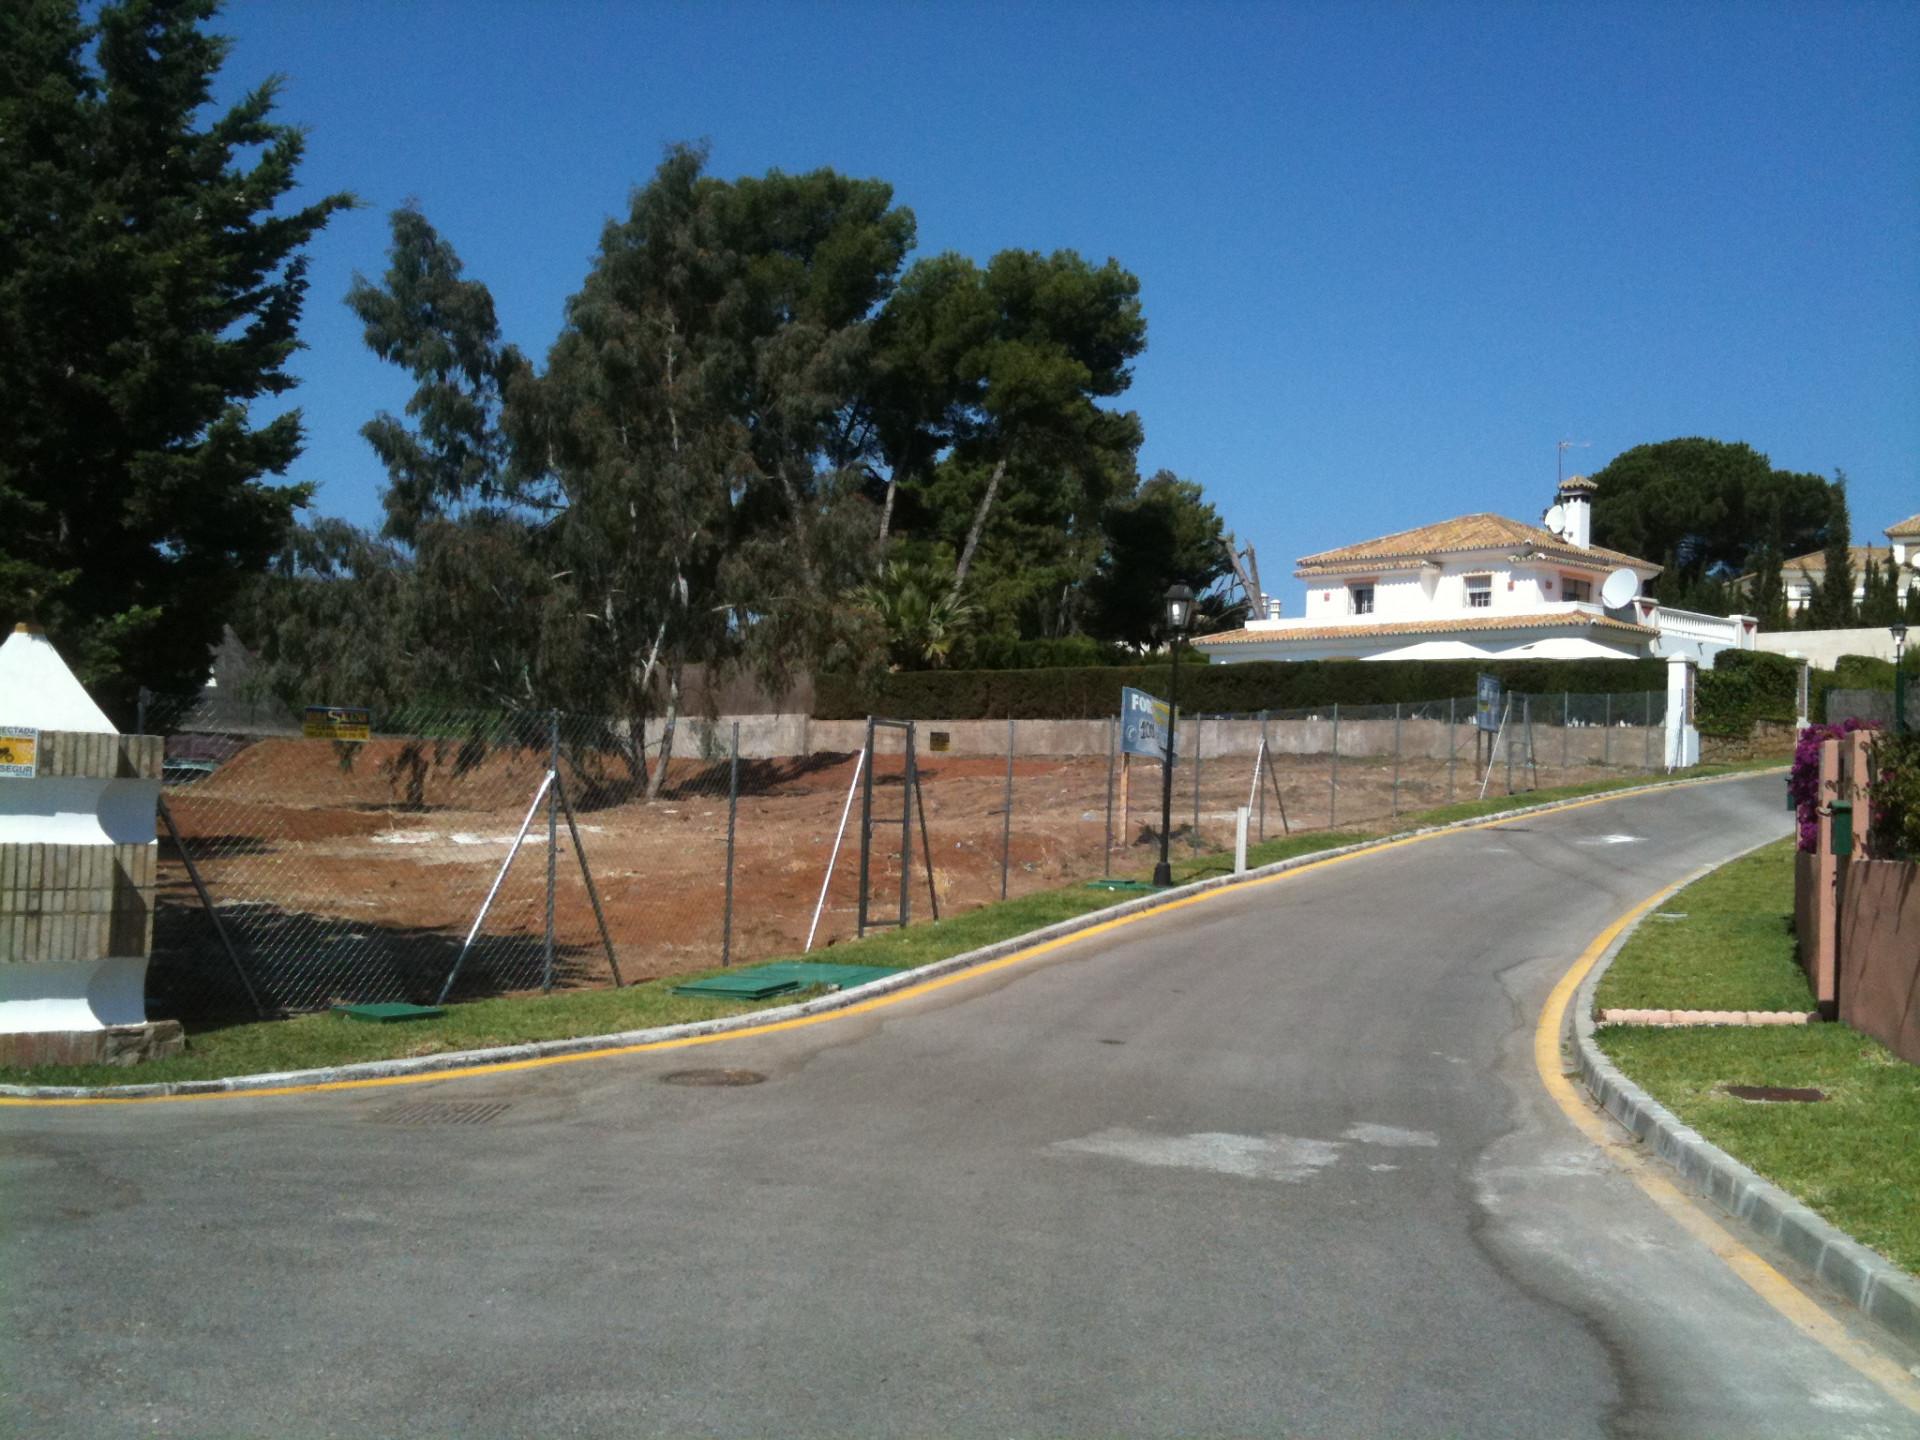 Sehr schönes Grundstück zum Verkauf in Toplage auf der Strandseite in La Reserva de los Monteros in Marbella